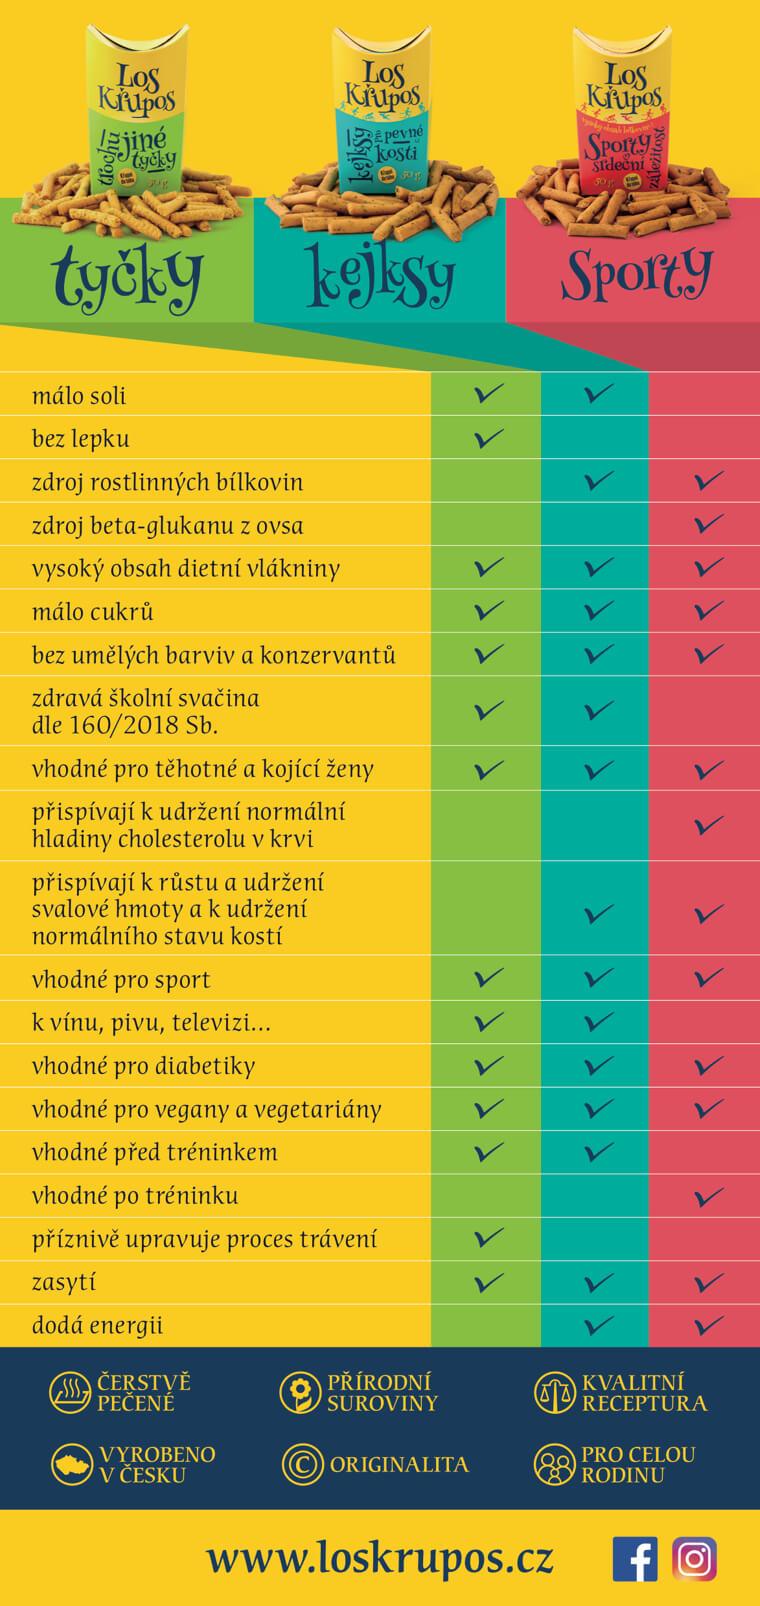 porovnani-los-krupos-tycky-kejksy-sporty-opt